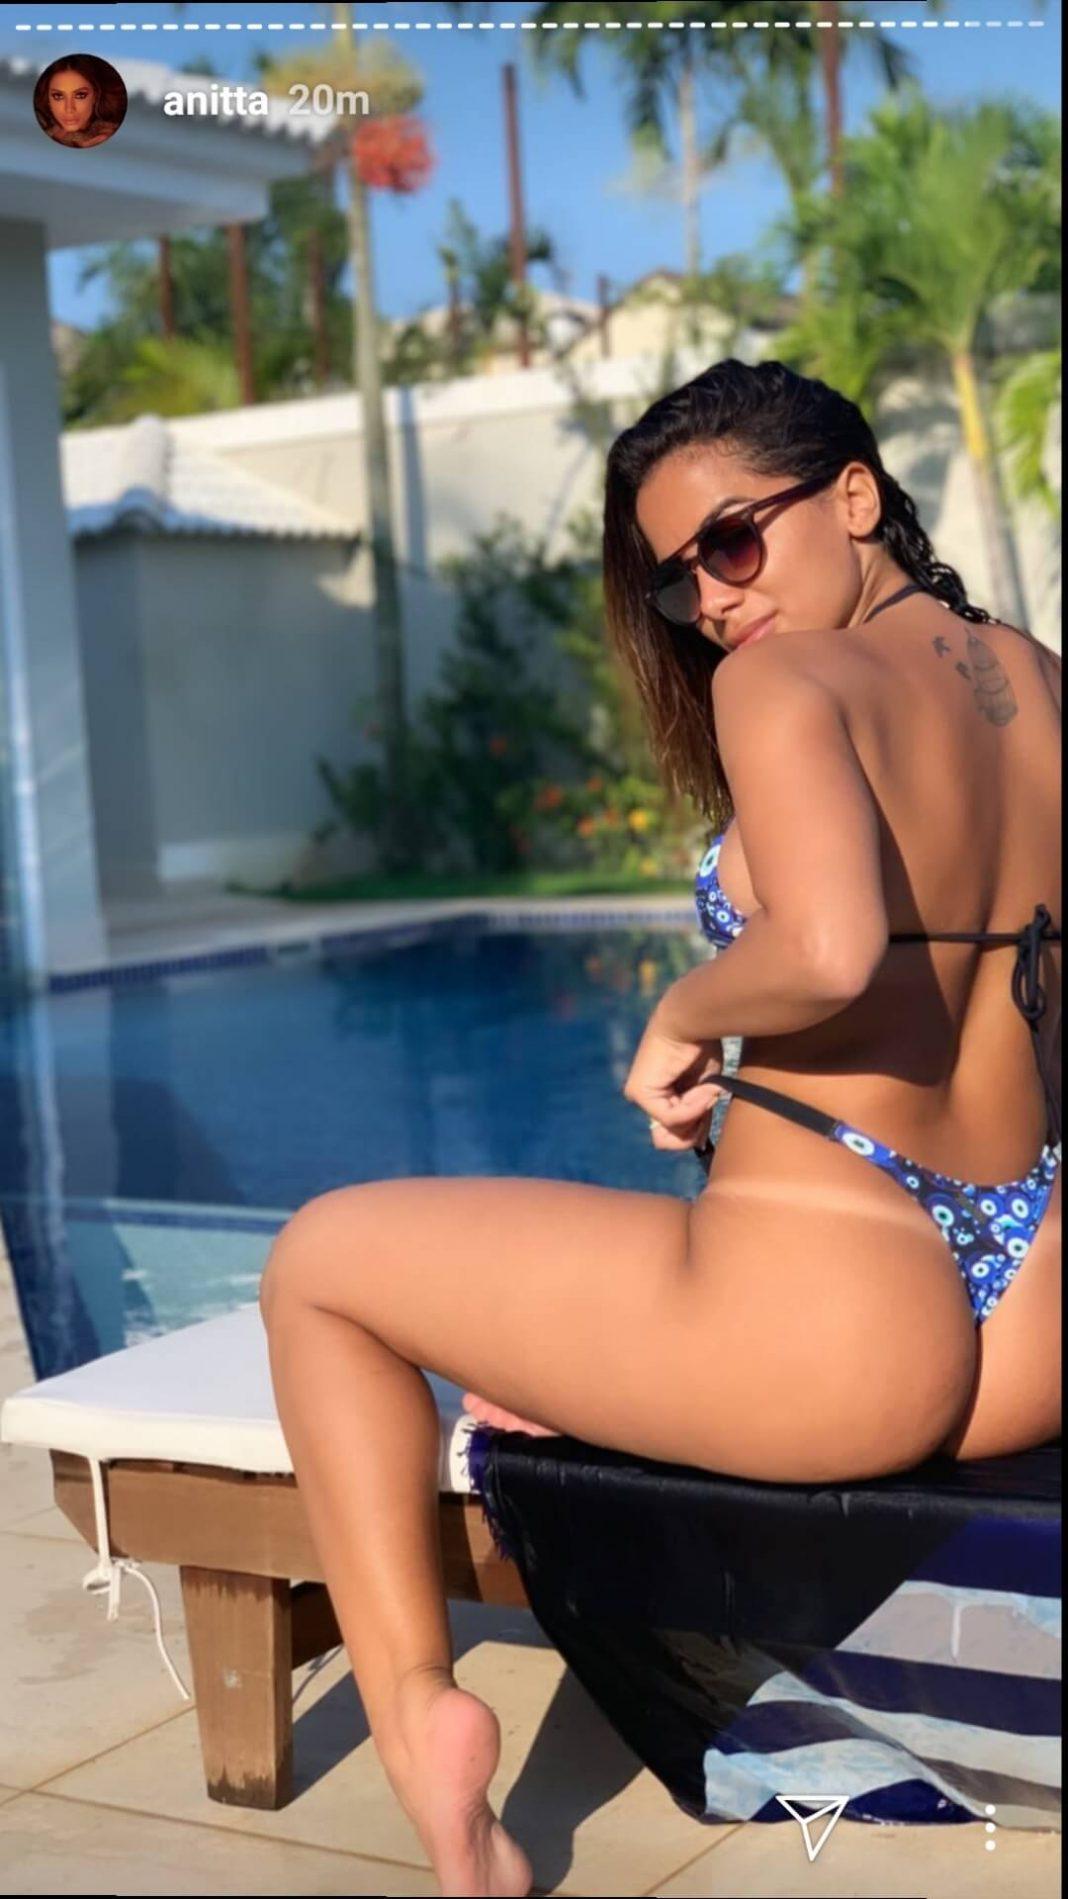 Anitta butt pics